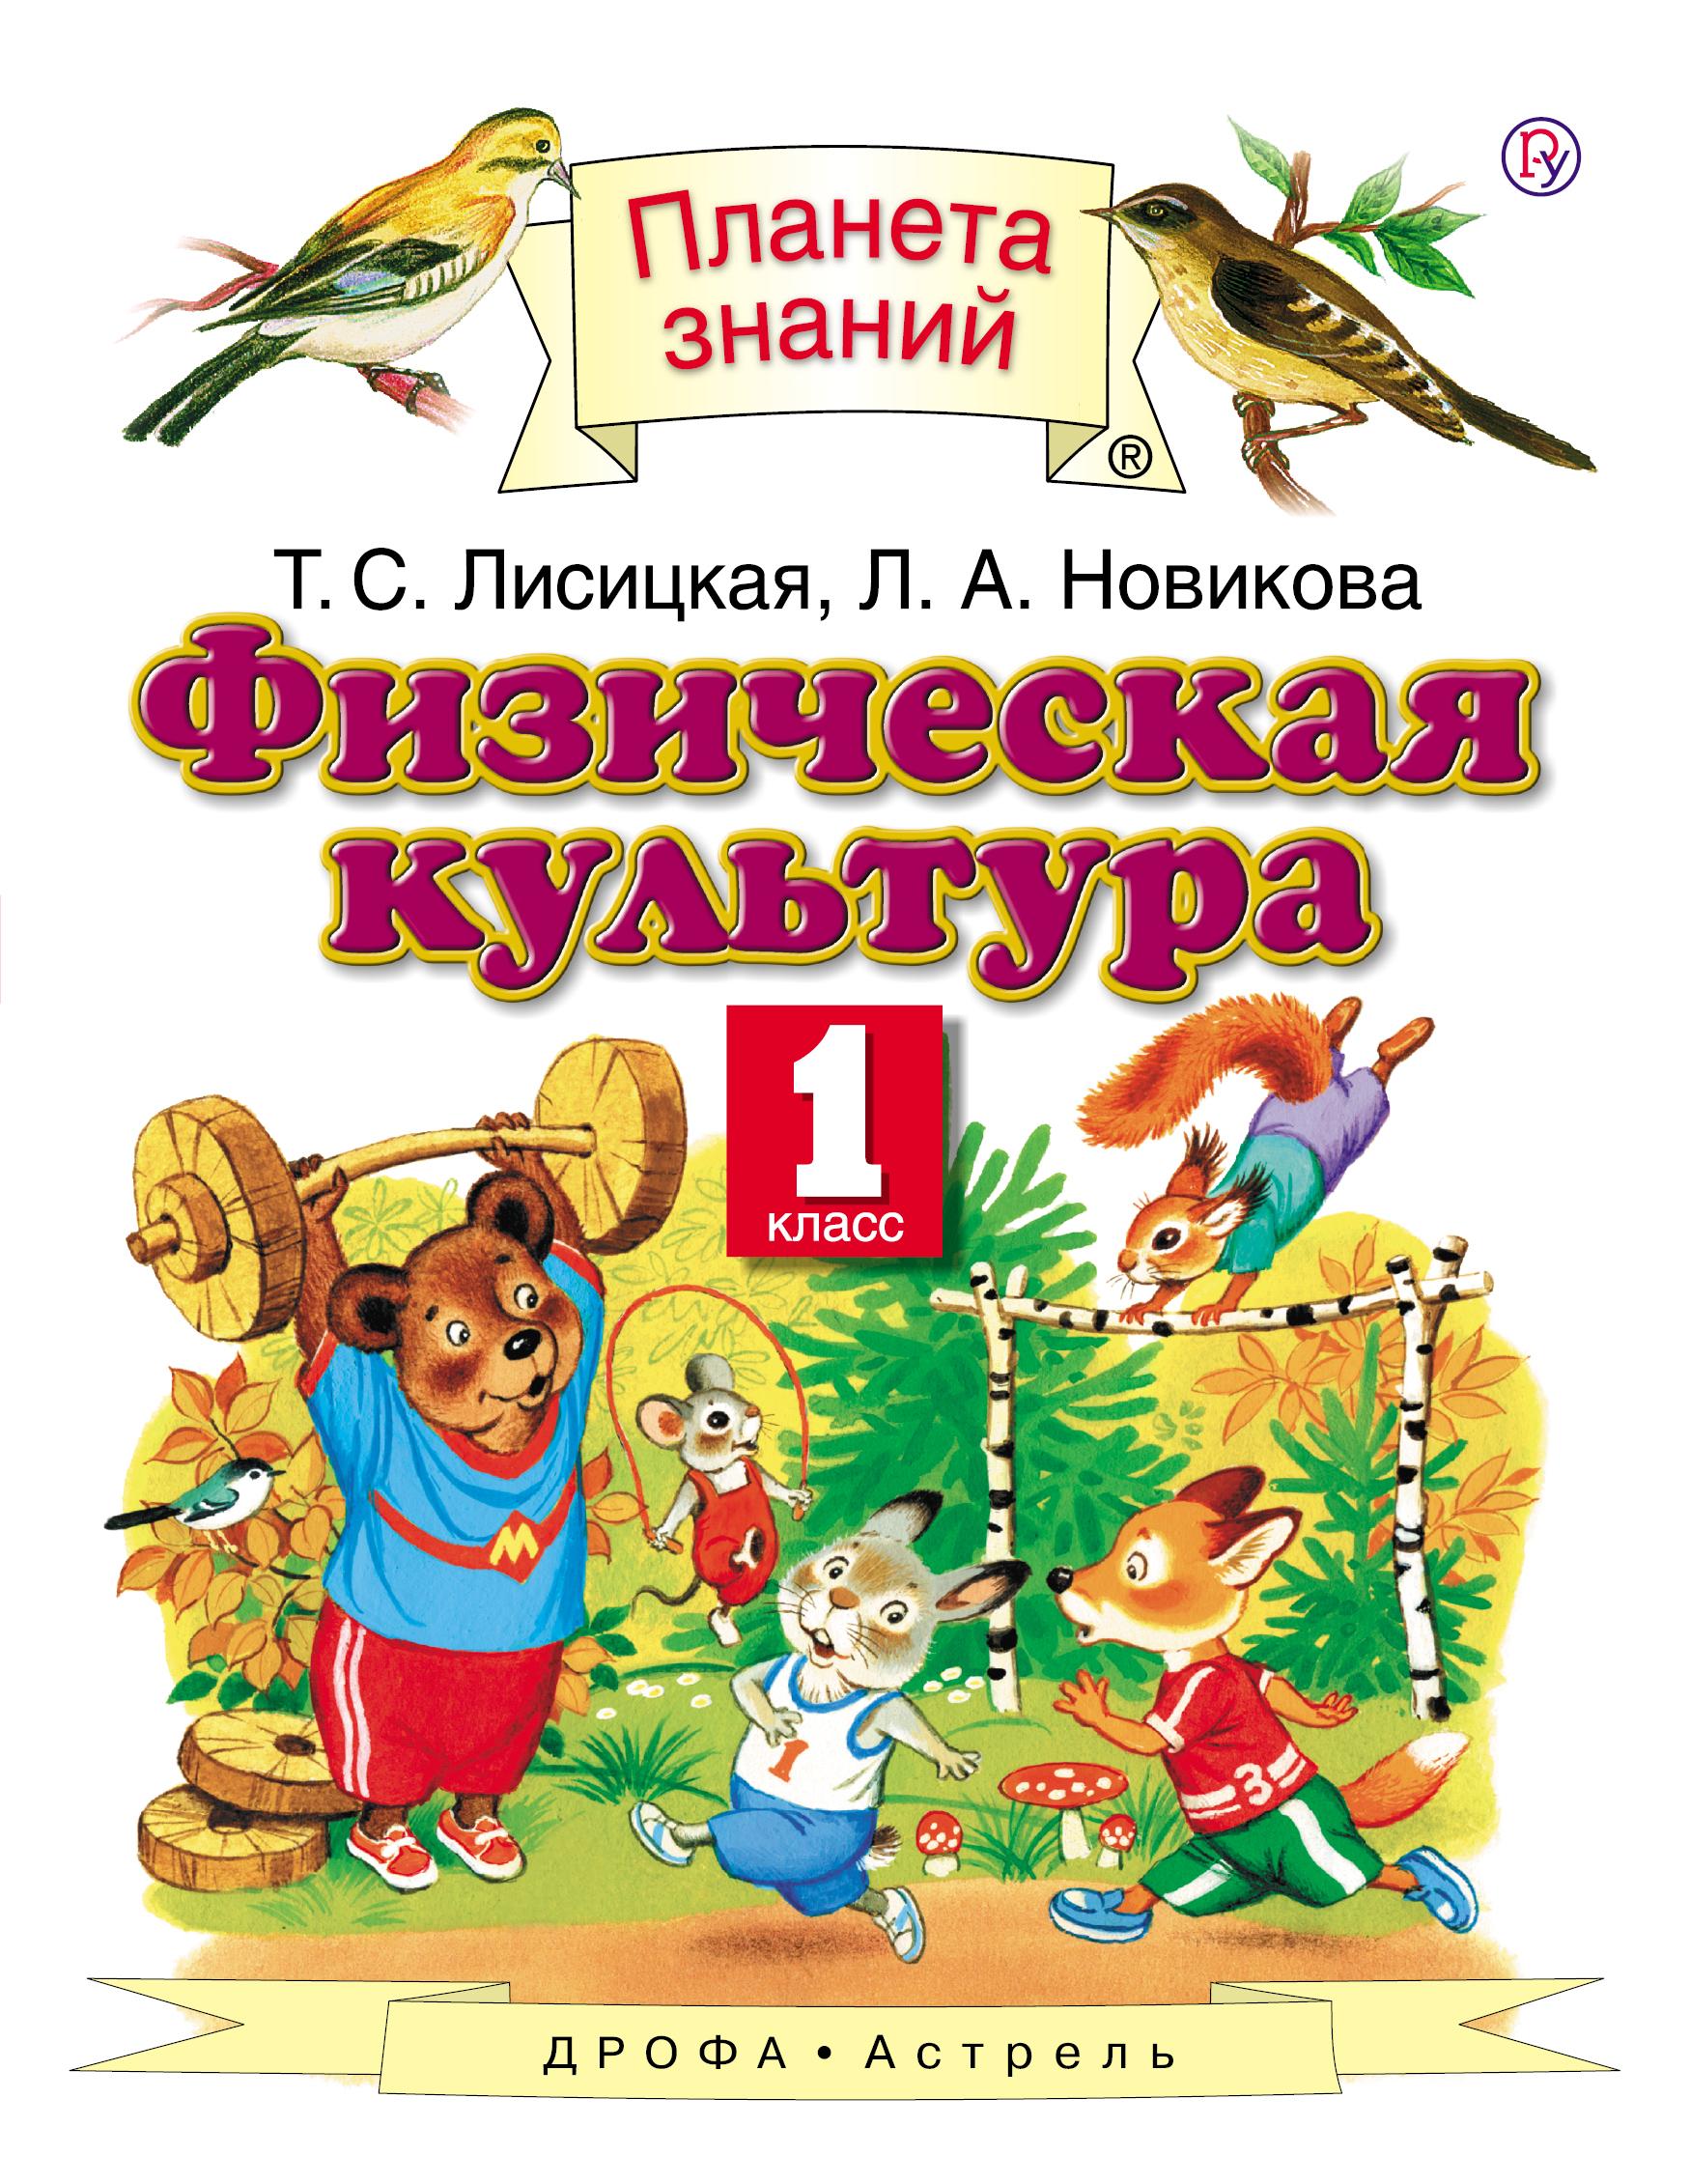 Т. С. Лисицкая, Л. А. Новикова Физическая культура. 1 класс ISBN: 978-5-358-19104-4